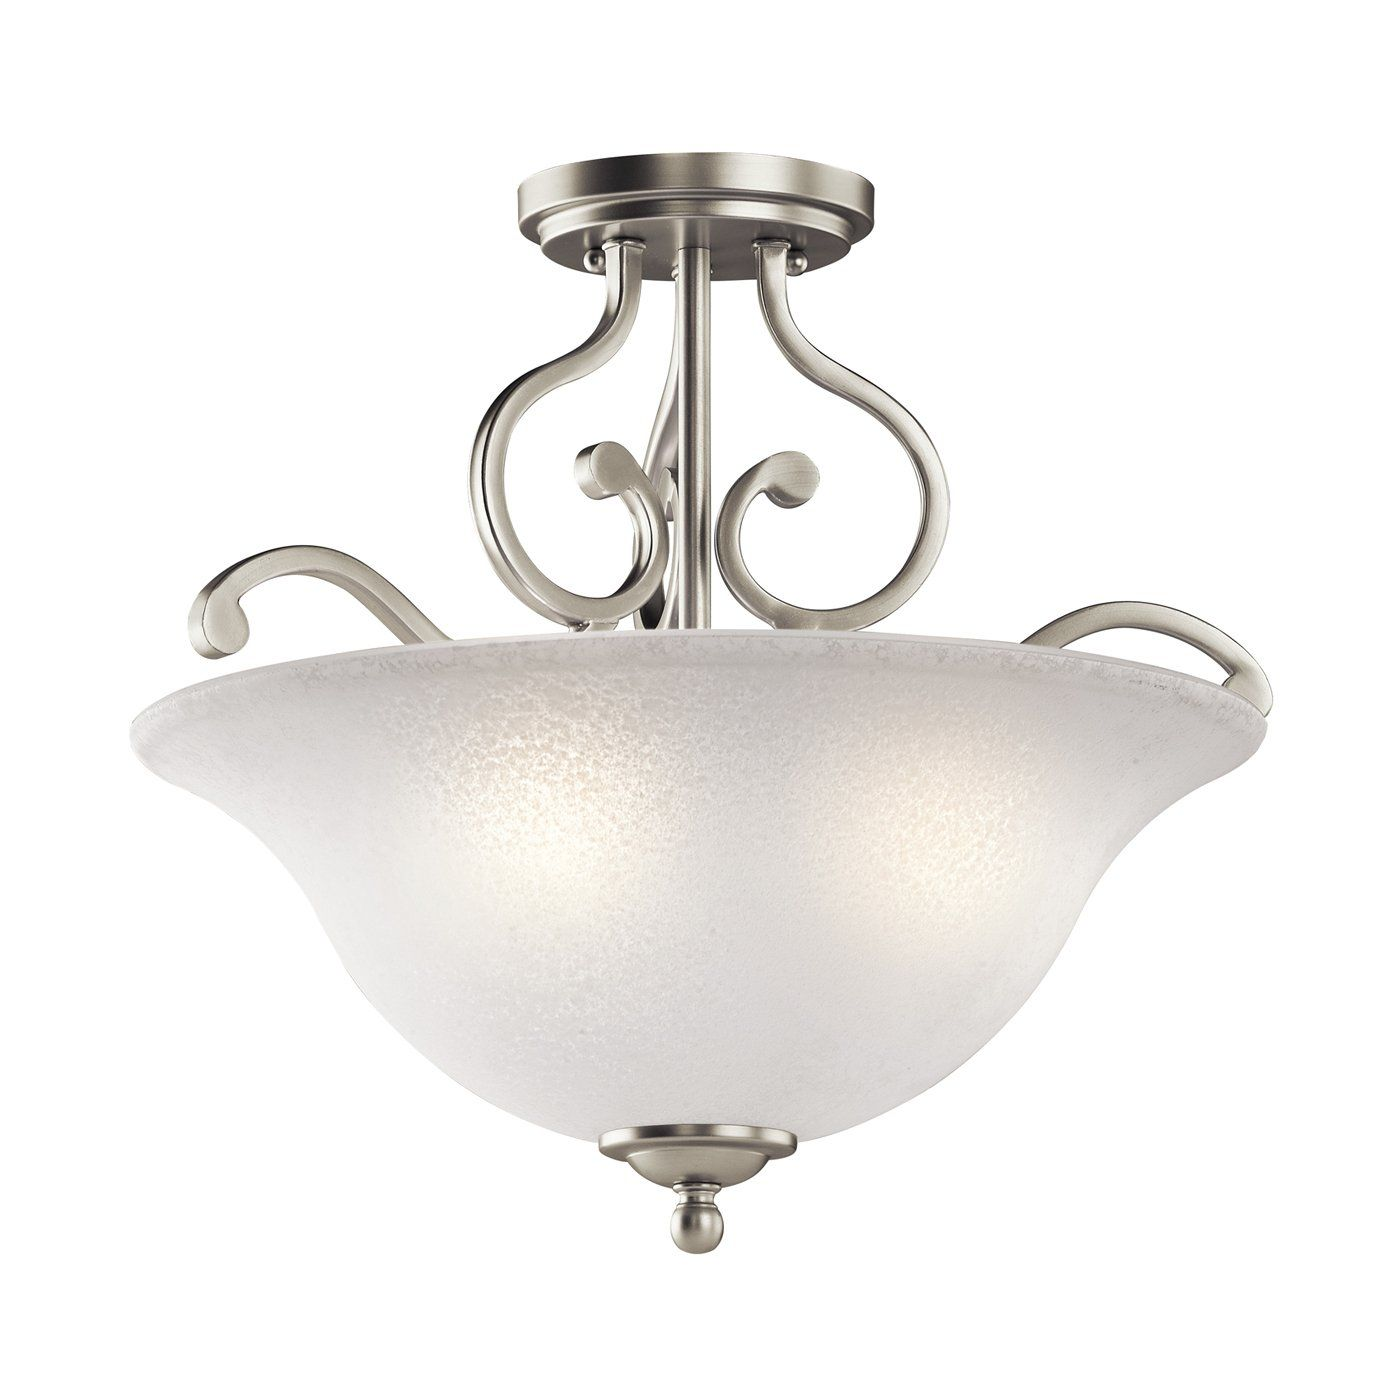 Kichler lighting camerena 3 light semi flush ceiling light lowes canada